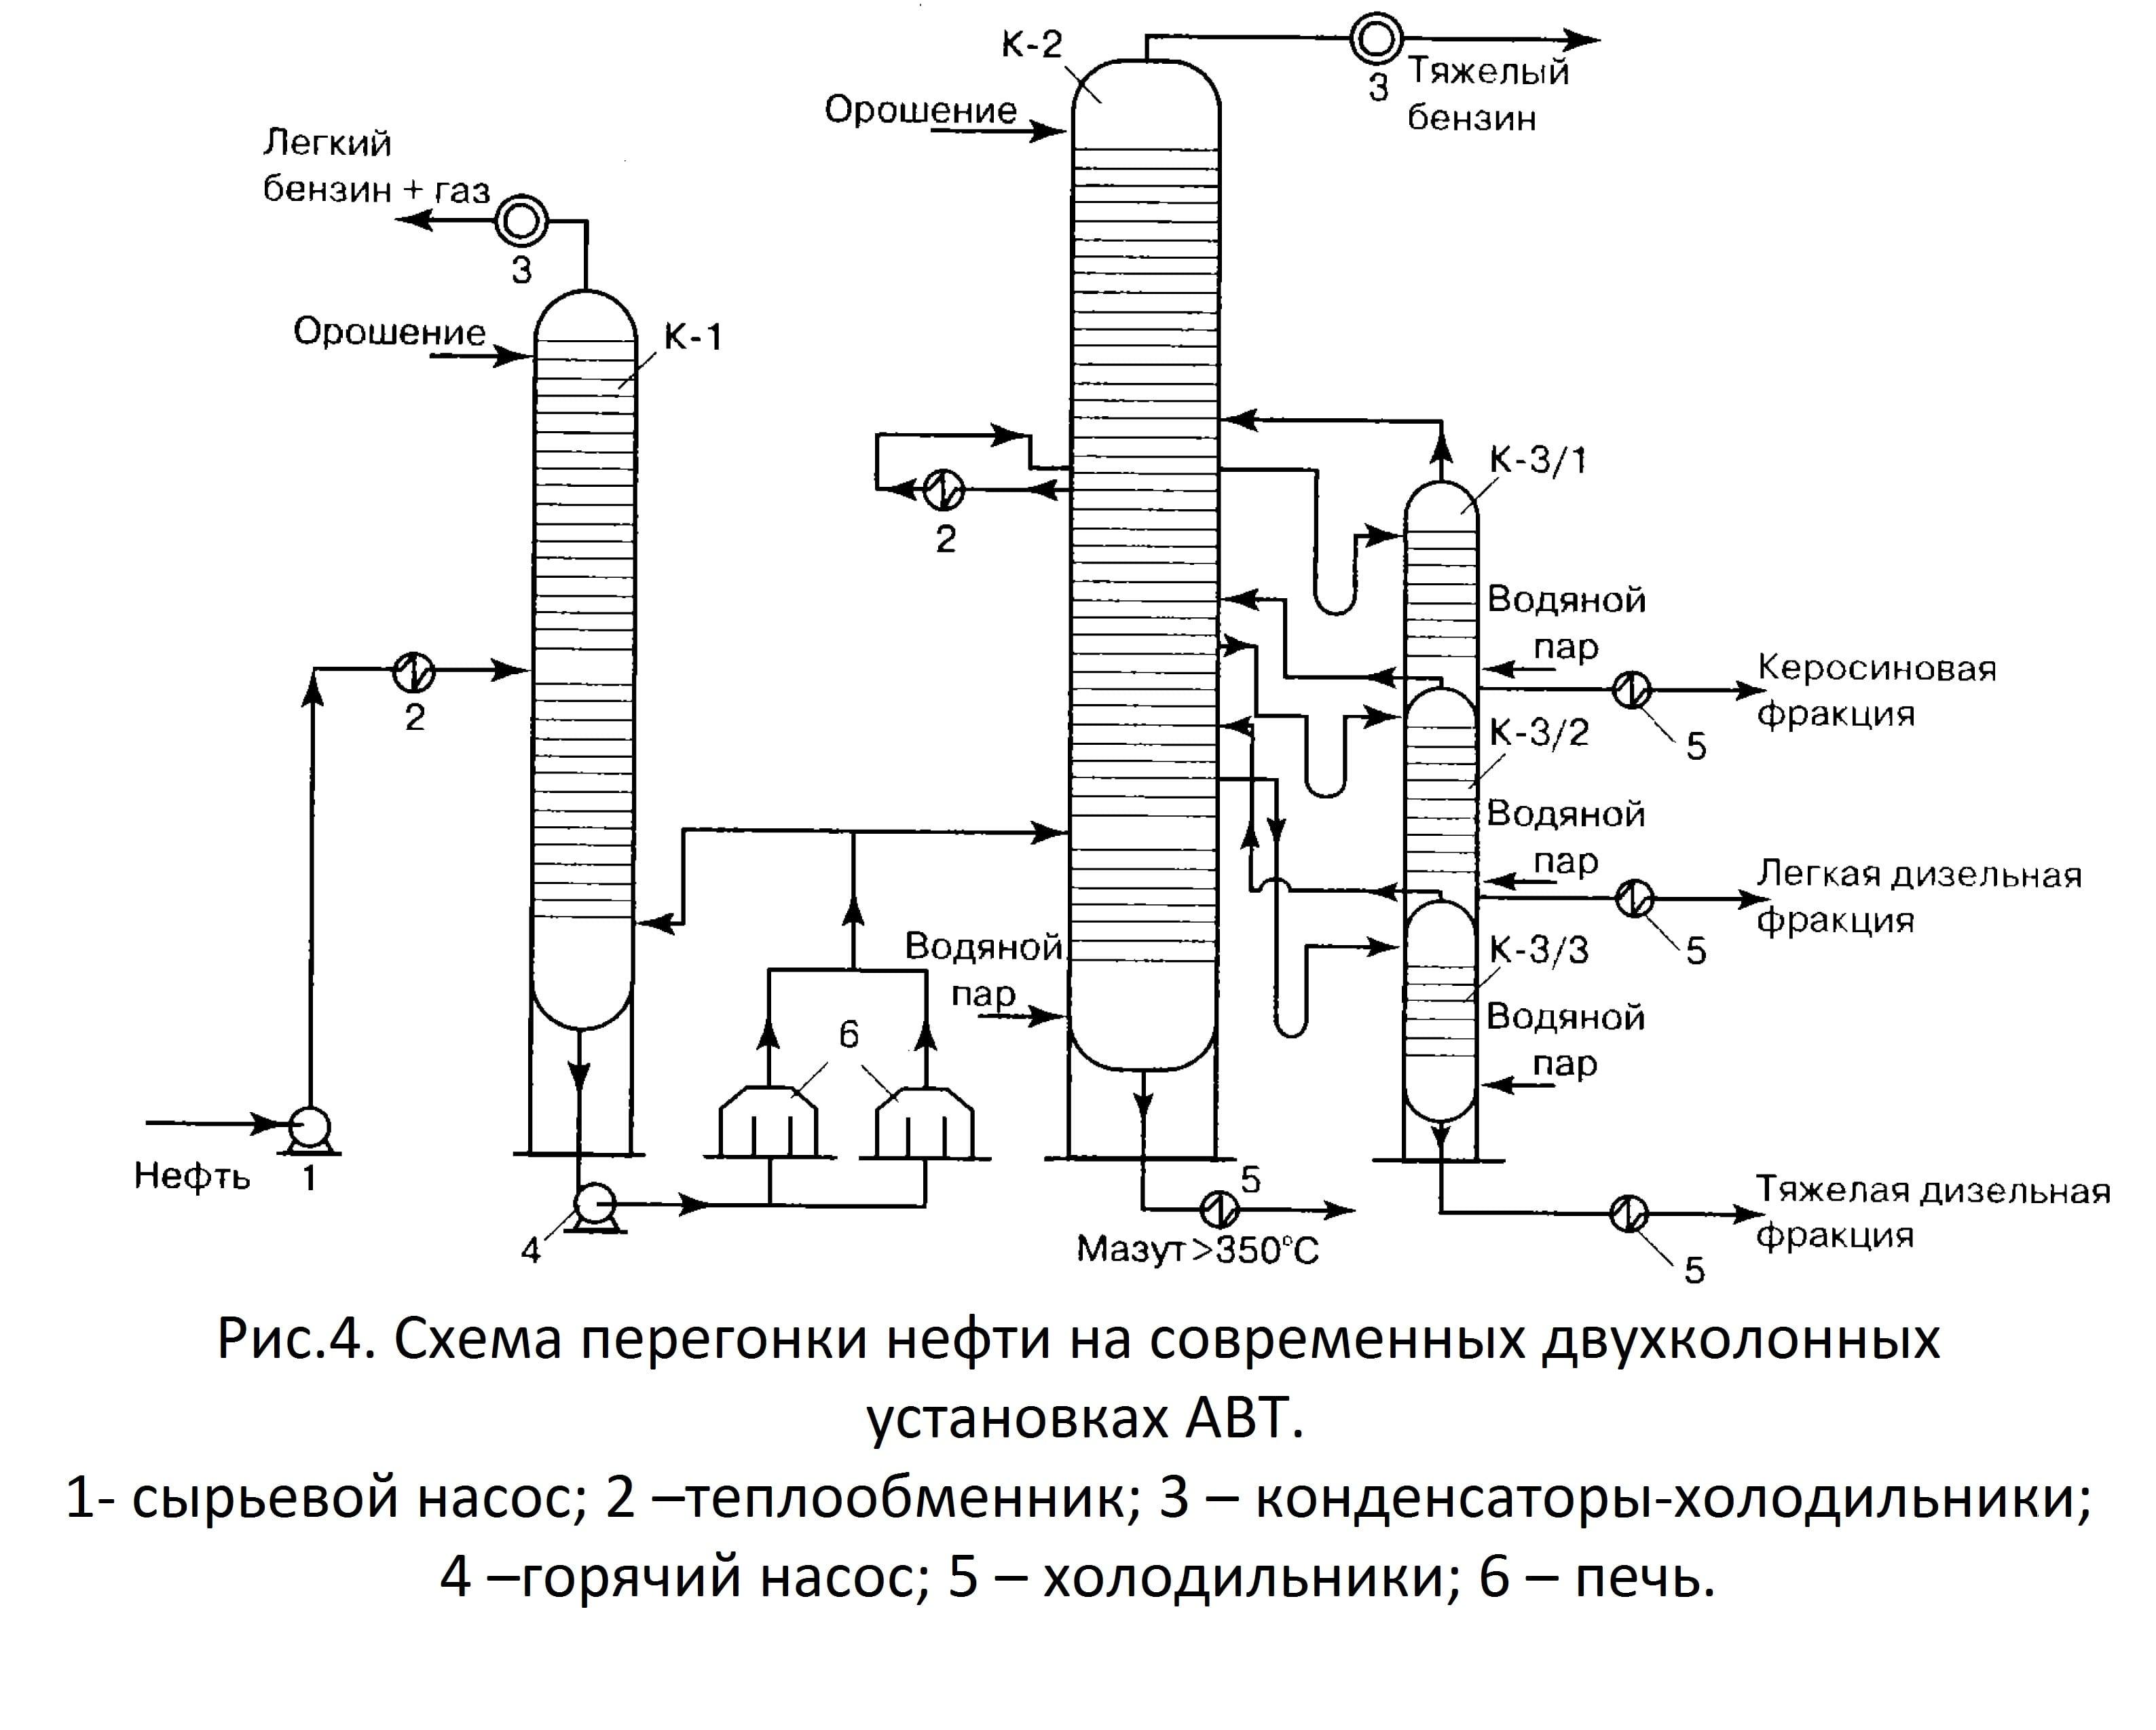 курсовая работа механизация процессов технической эксплуатации